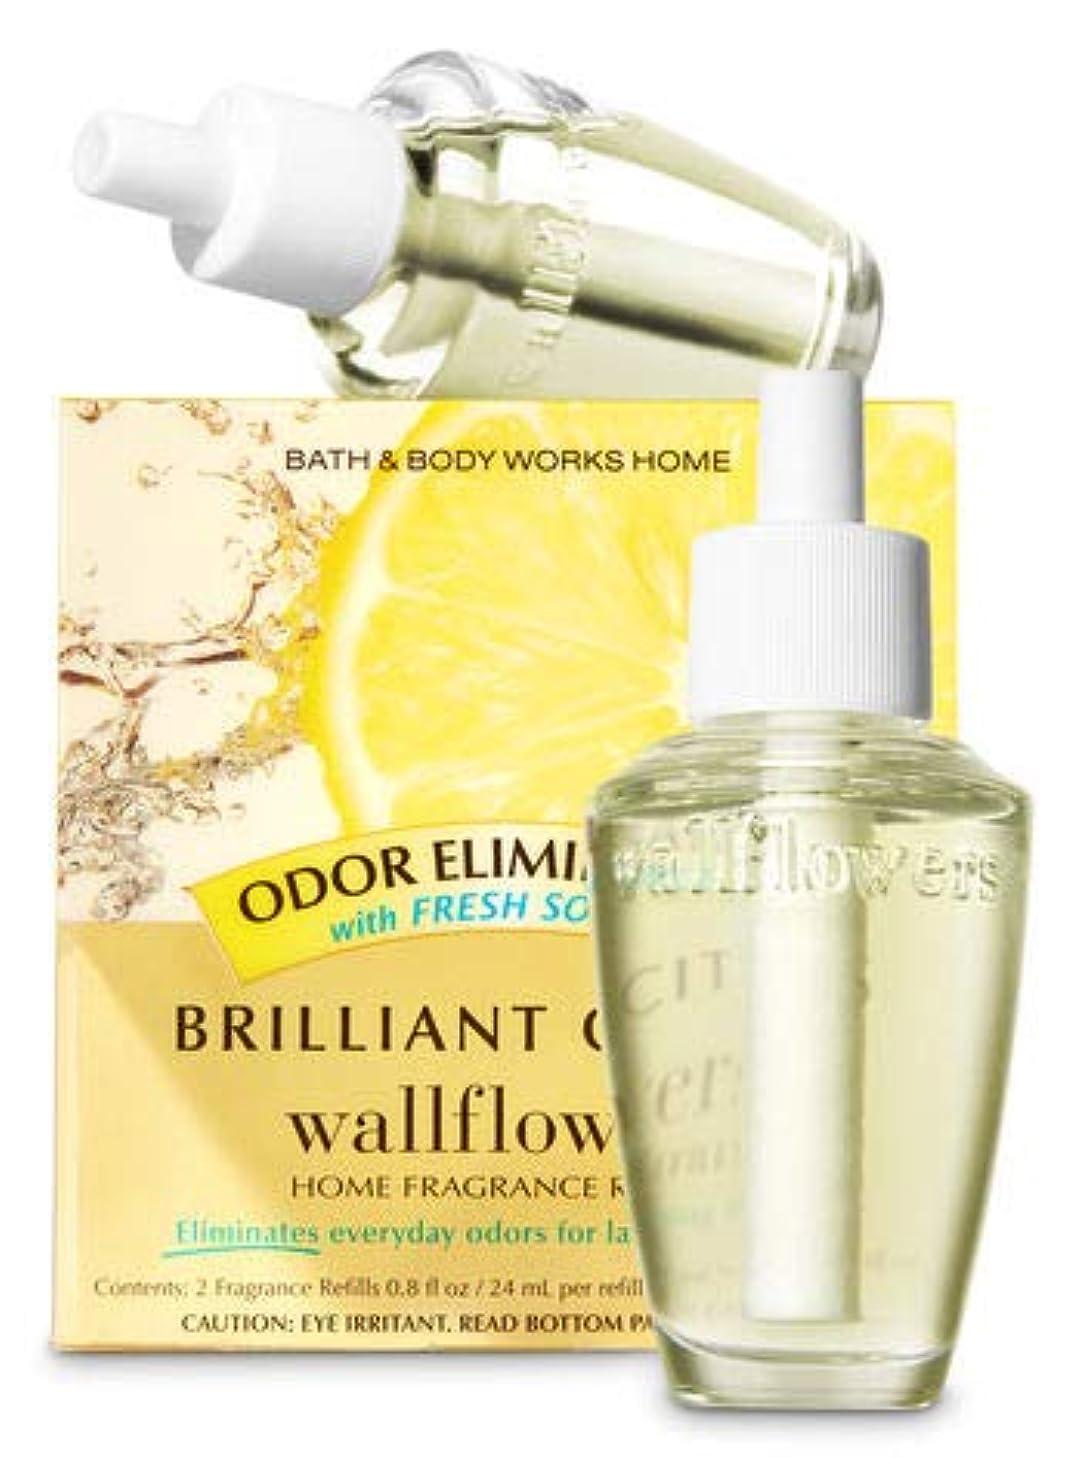 十億計算量で【Bath&Body Works/バス&ボディワークス】 ルームフレグランス 詰替えリフィル(2個入り) 消臭効果付き ブリリアントシトラス Wallflowers Home Fragrance 2-Pack Refills Odor eliminating Brilliant Citrus [並行輸入品]